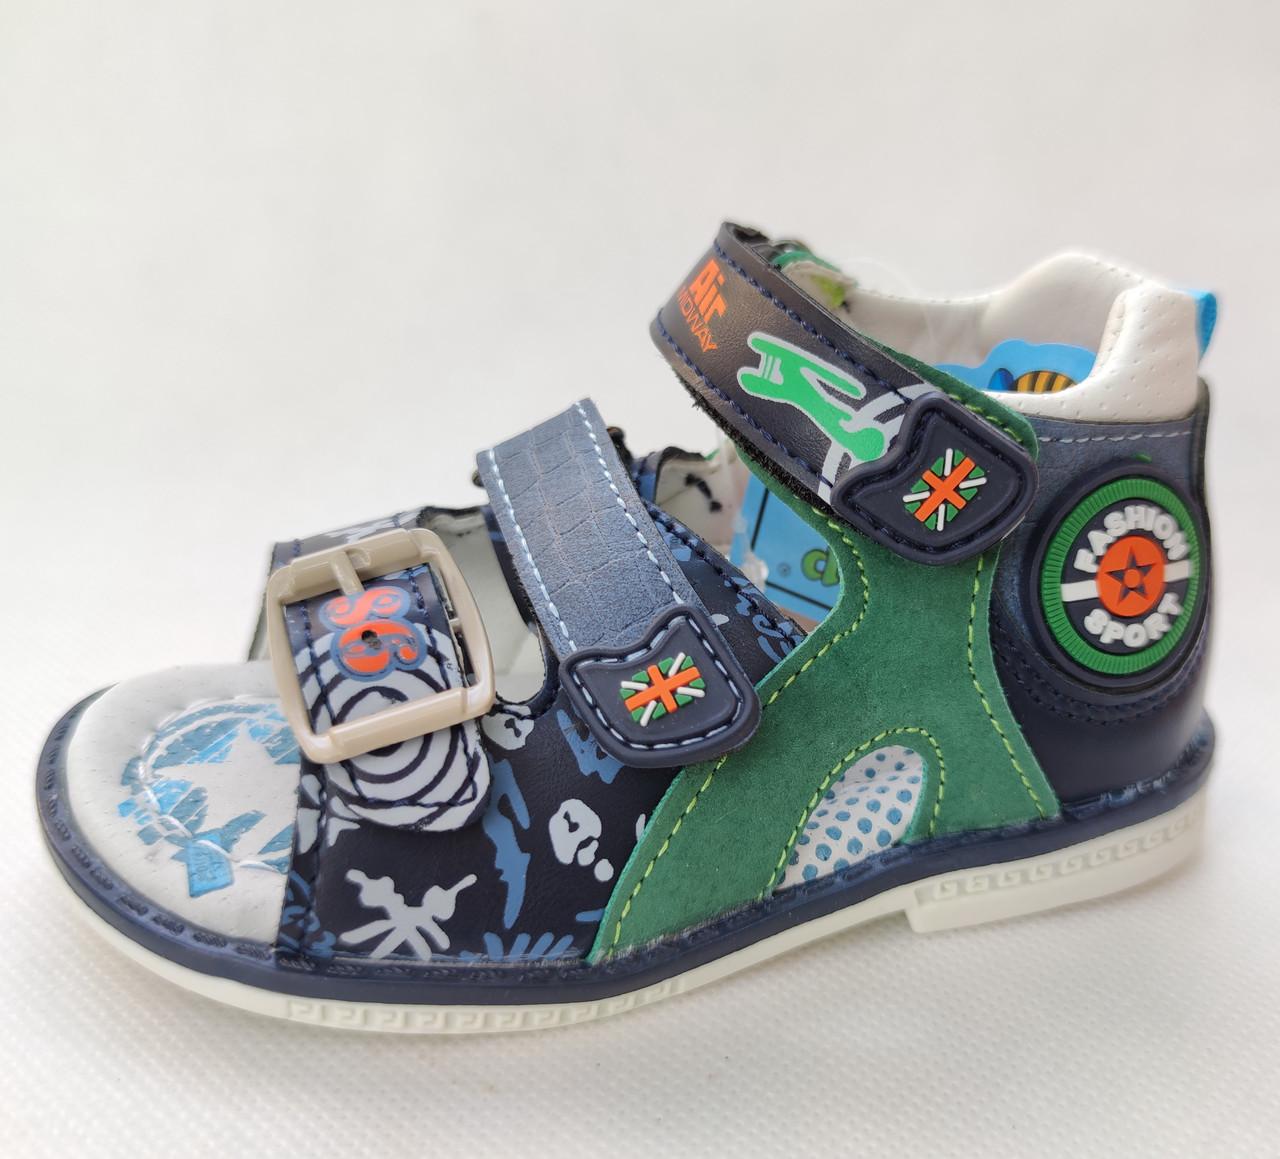 Детские босоножки сандалии для мальчика зелёные Y.TOP 25р 15,5см